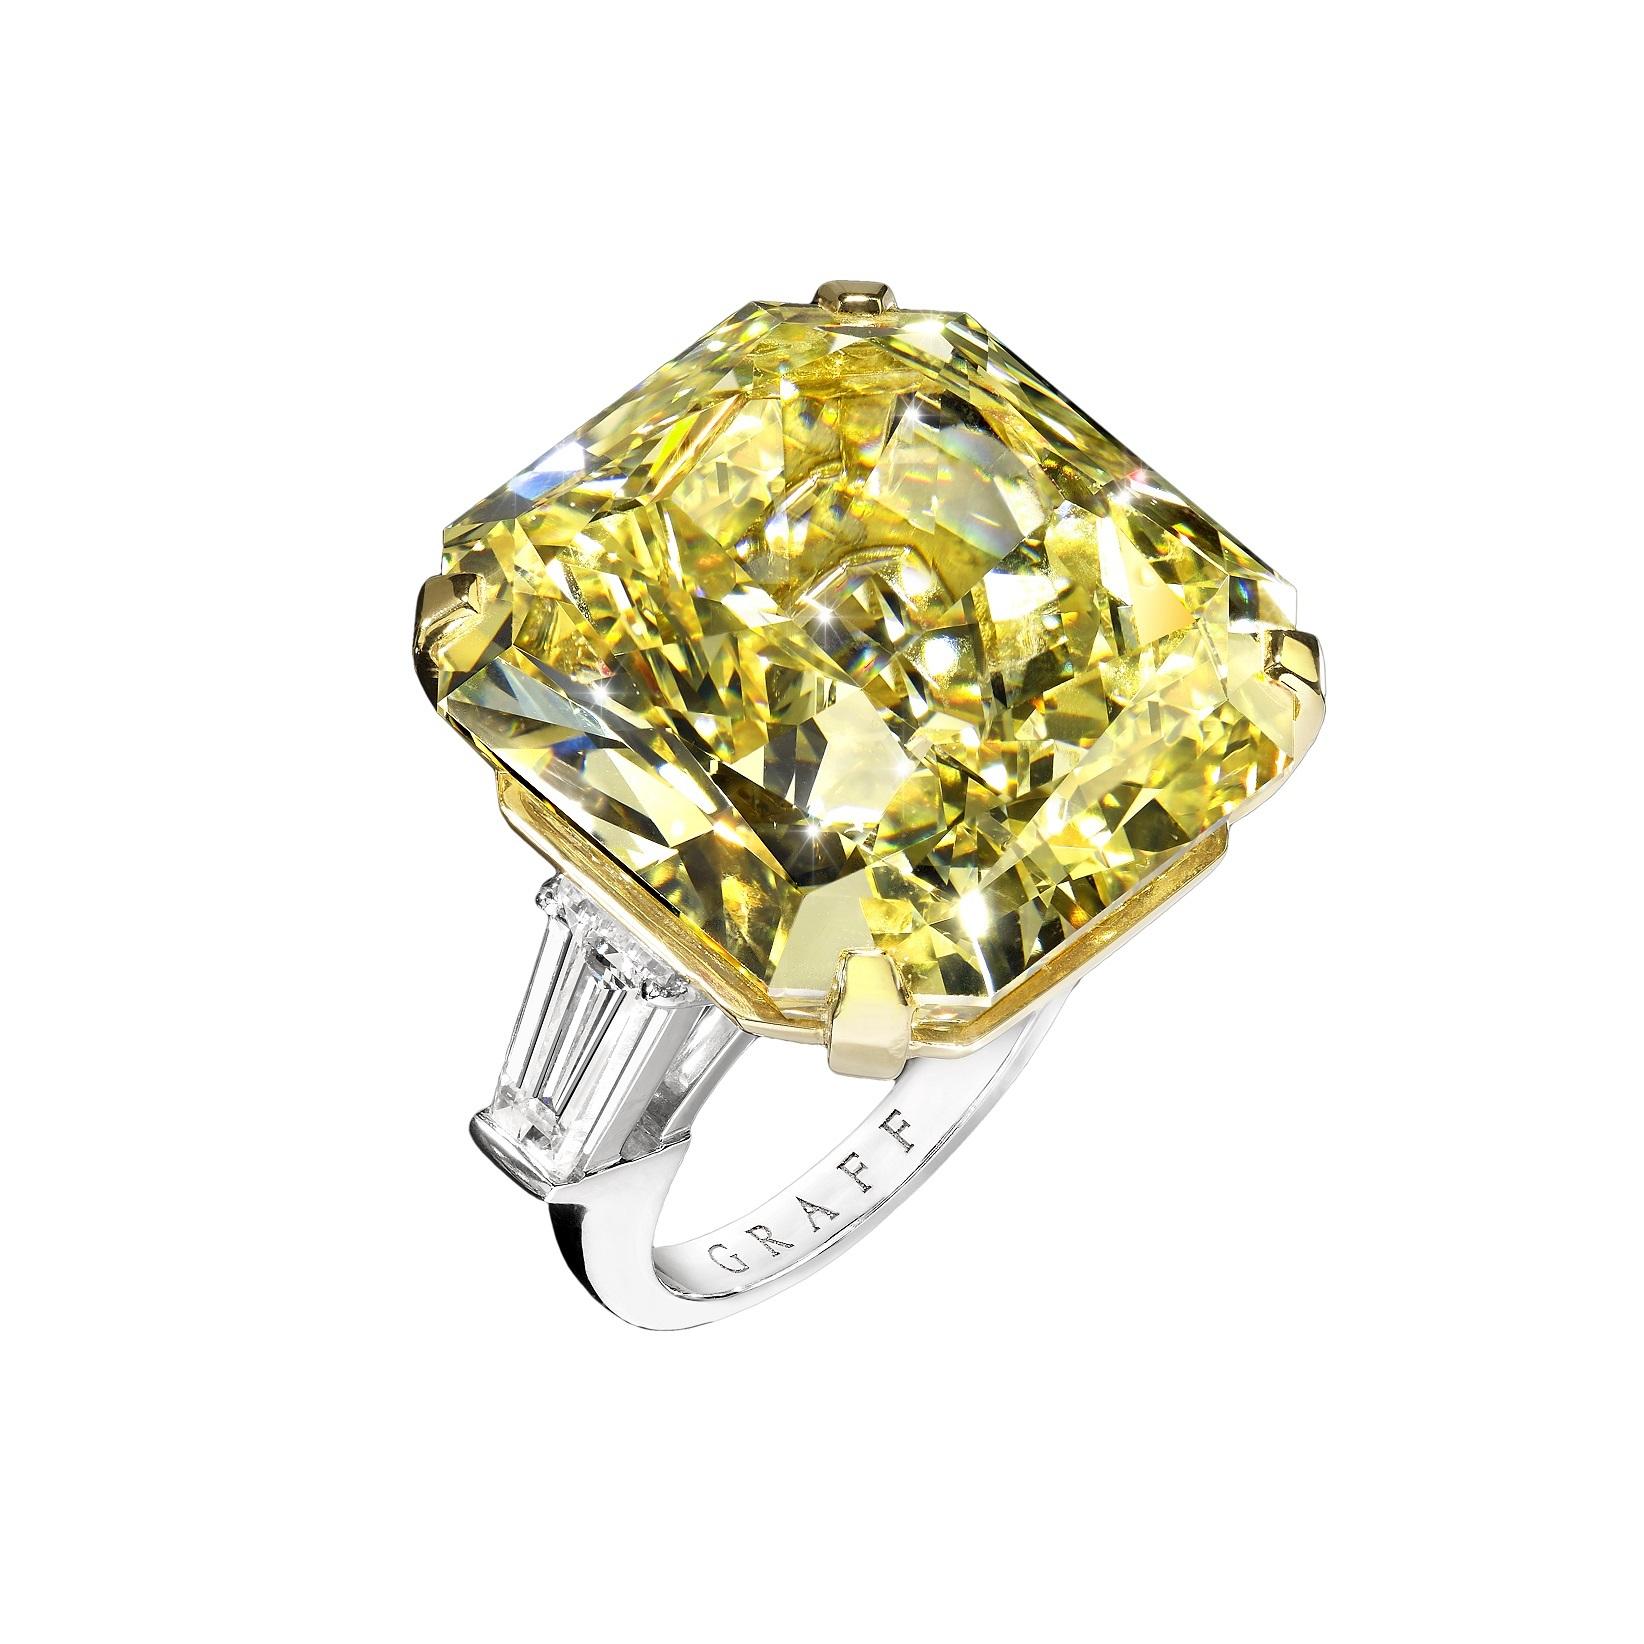 Nach fünf Jahren die Millionenmarke geknackt: Dieser wunderschöne Ring mit Diamant in Fancy Intense Yellow wurde Anfang Dezember 2017 bei Fellows versteigert